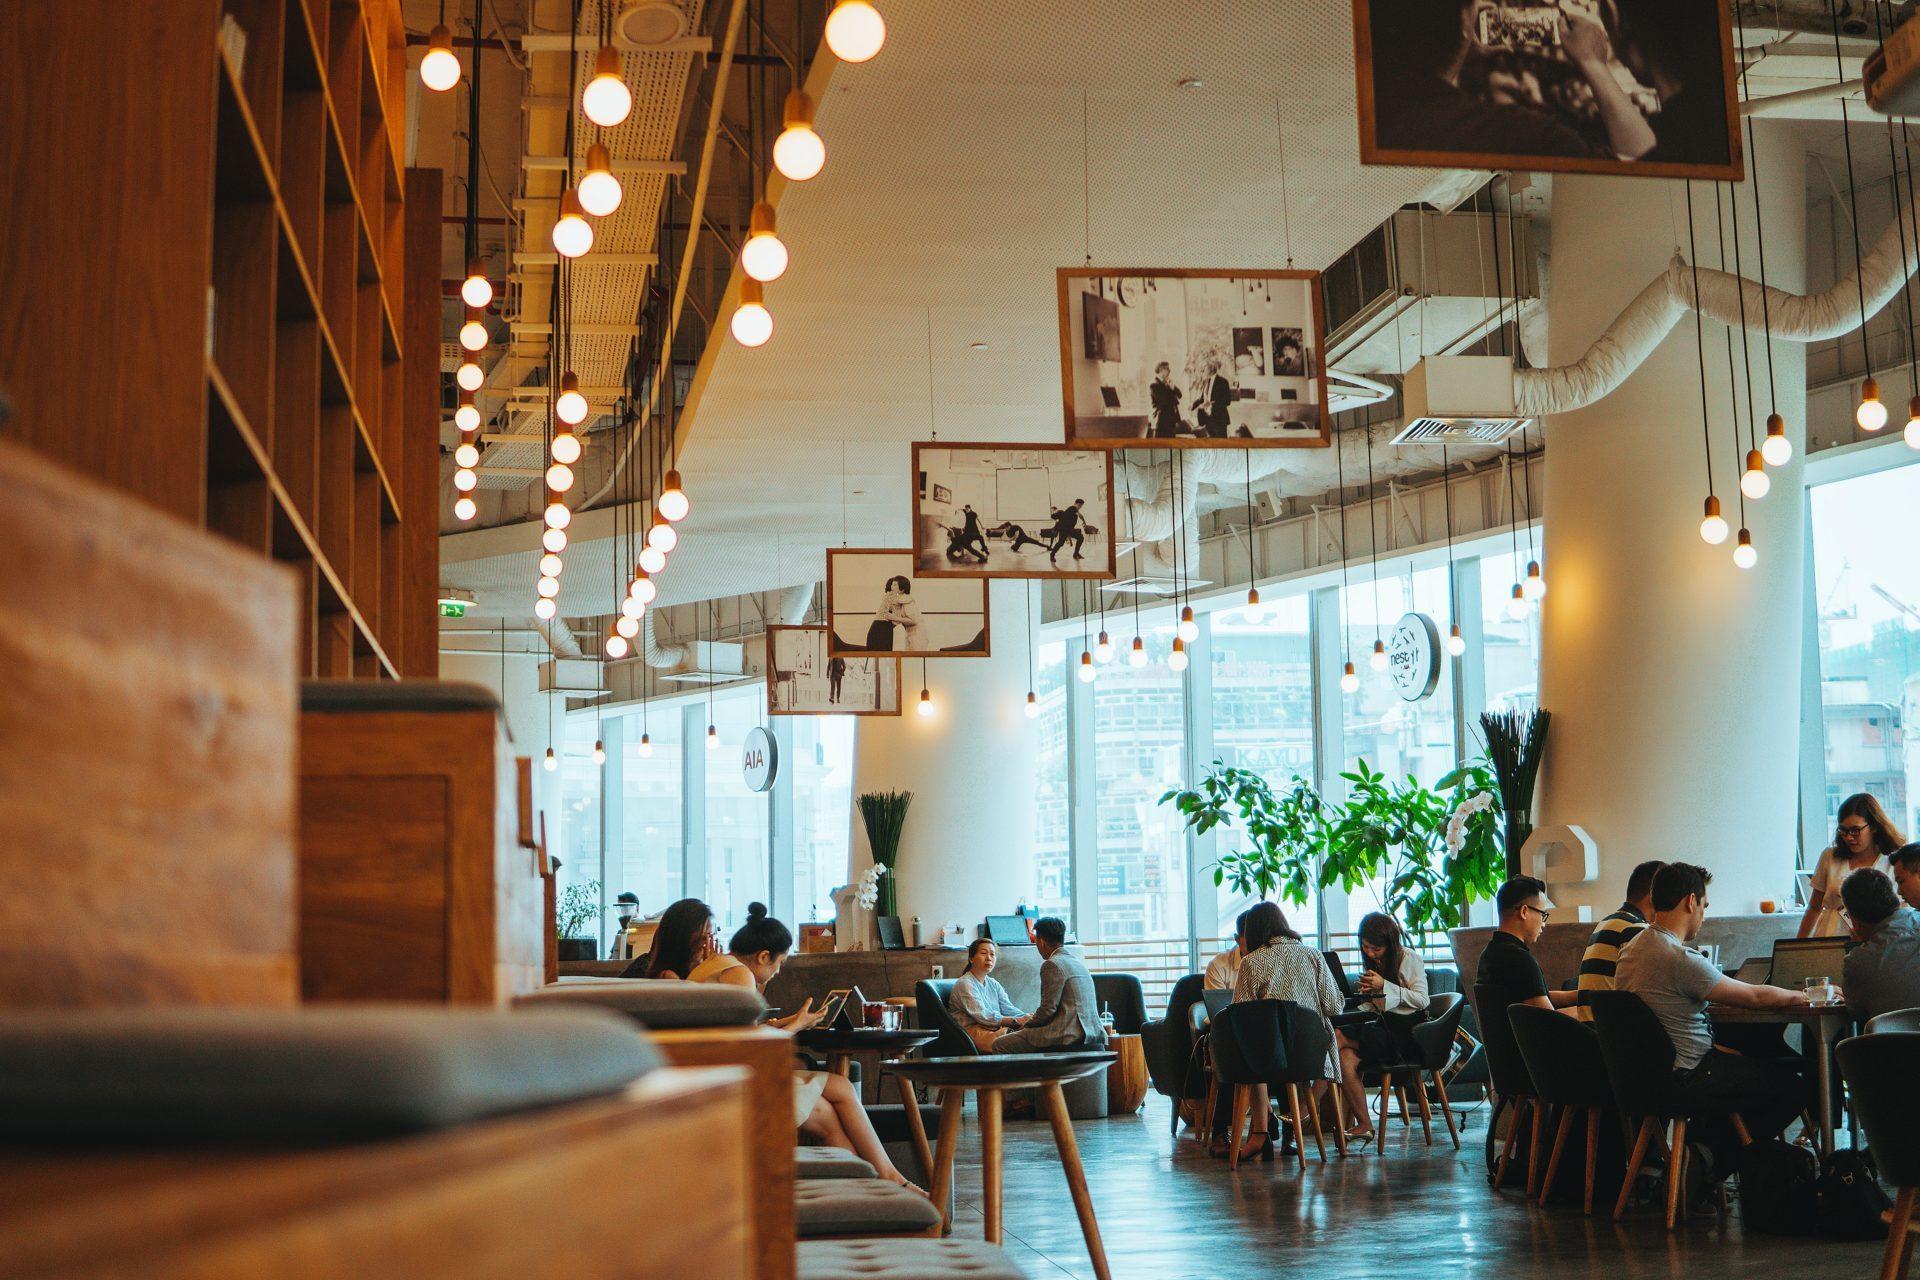 interior cafe